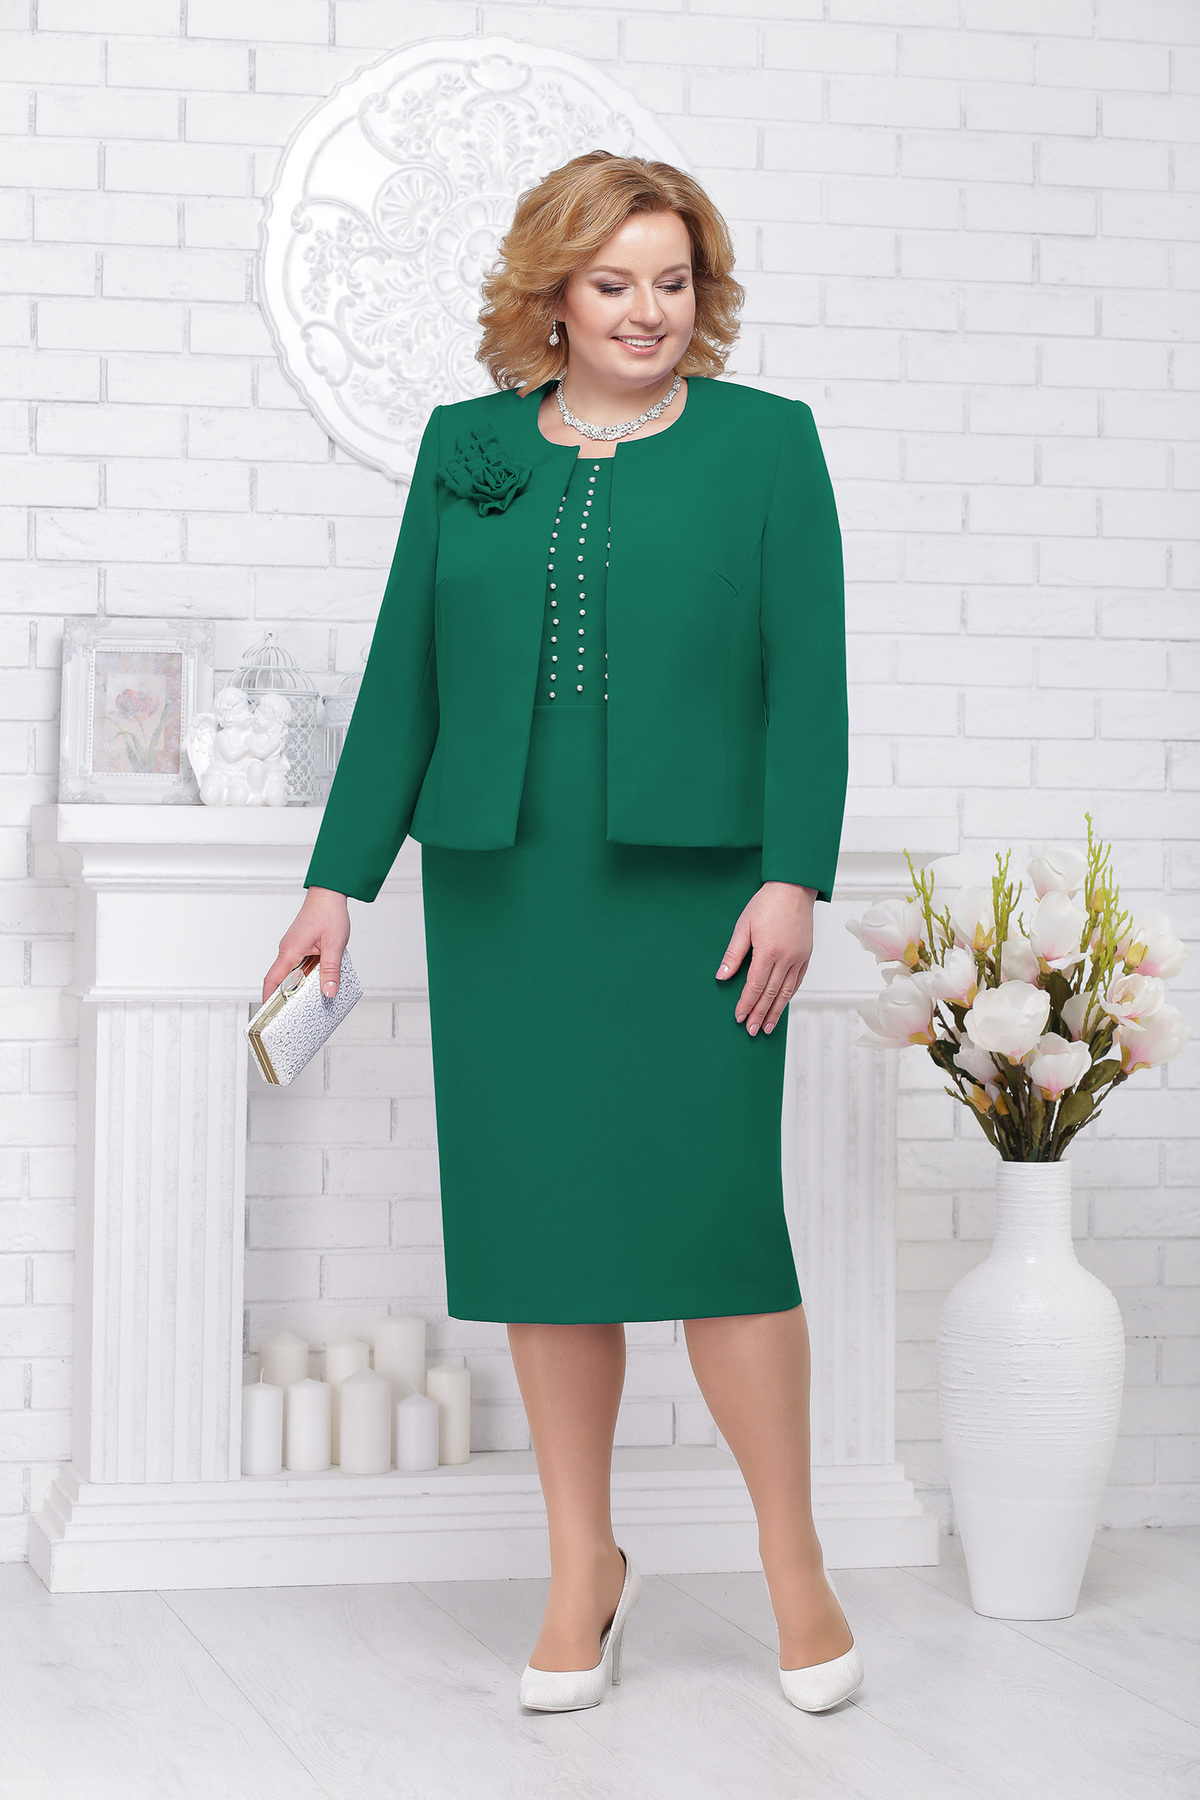 Compleu verde elegant din stofa cu aplicatii cu perle